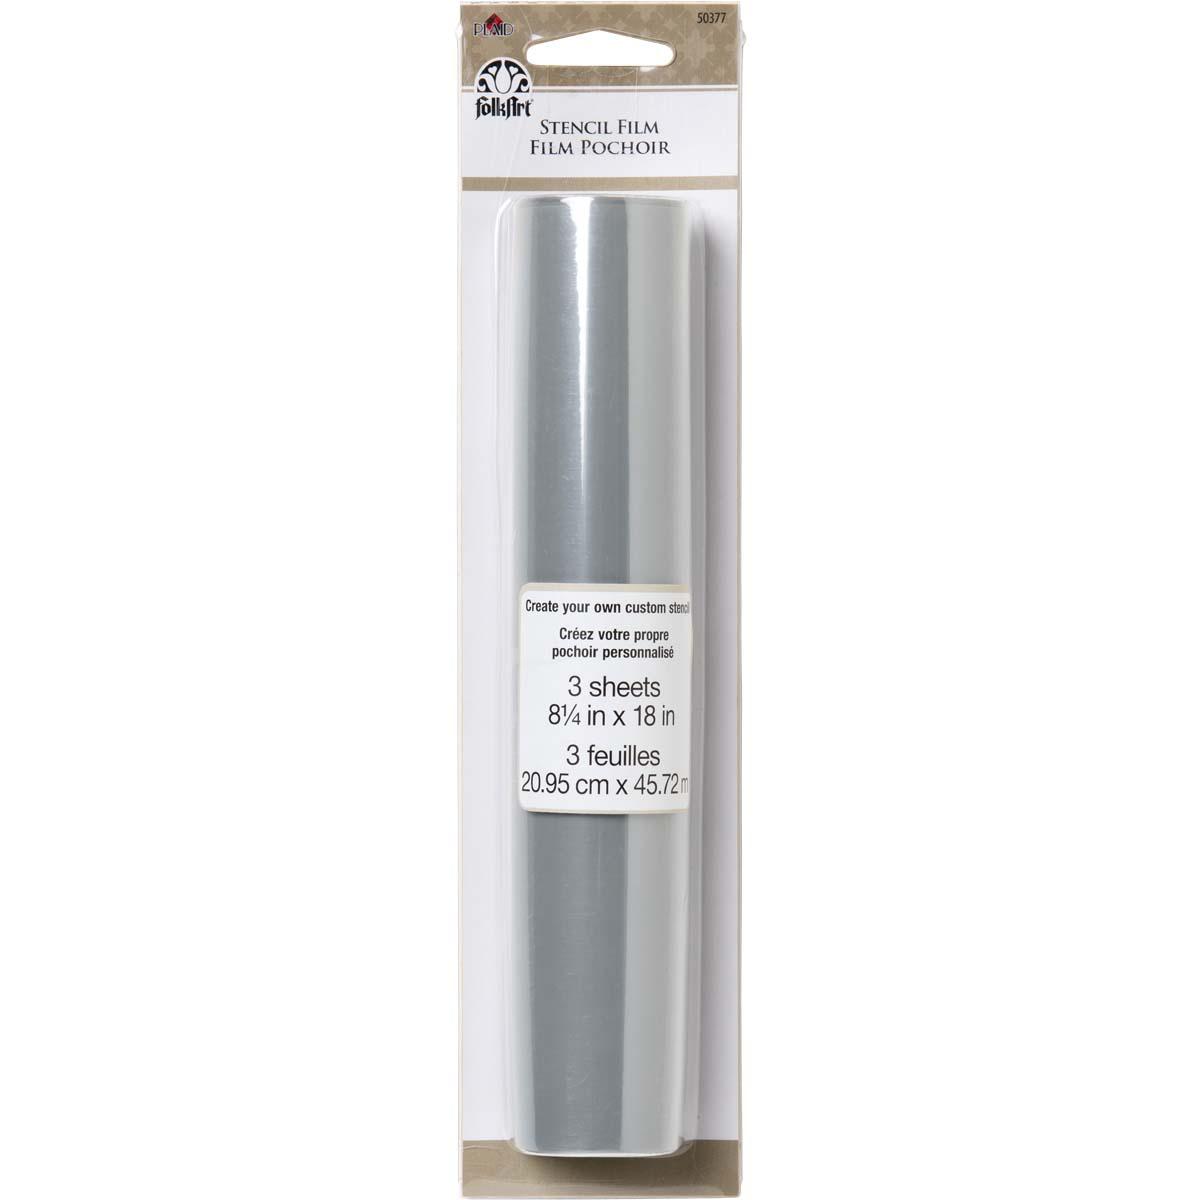 FolkArt ® Painting Tools - Stencil Film Blank, 8-1/4